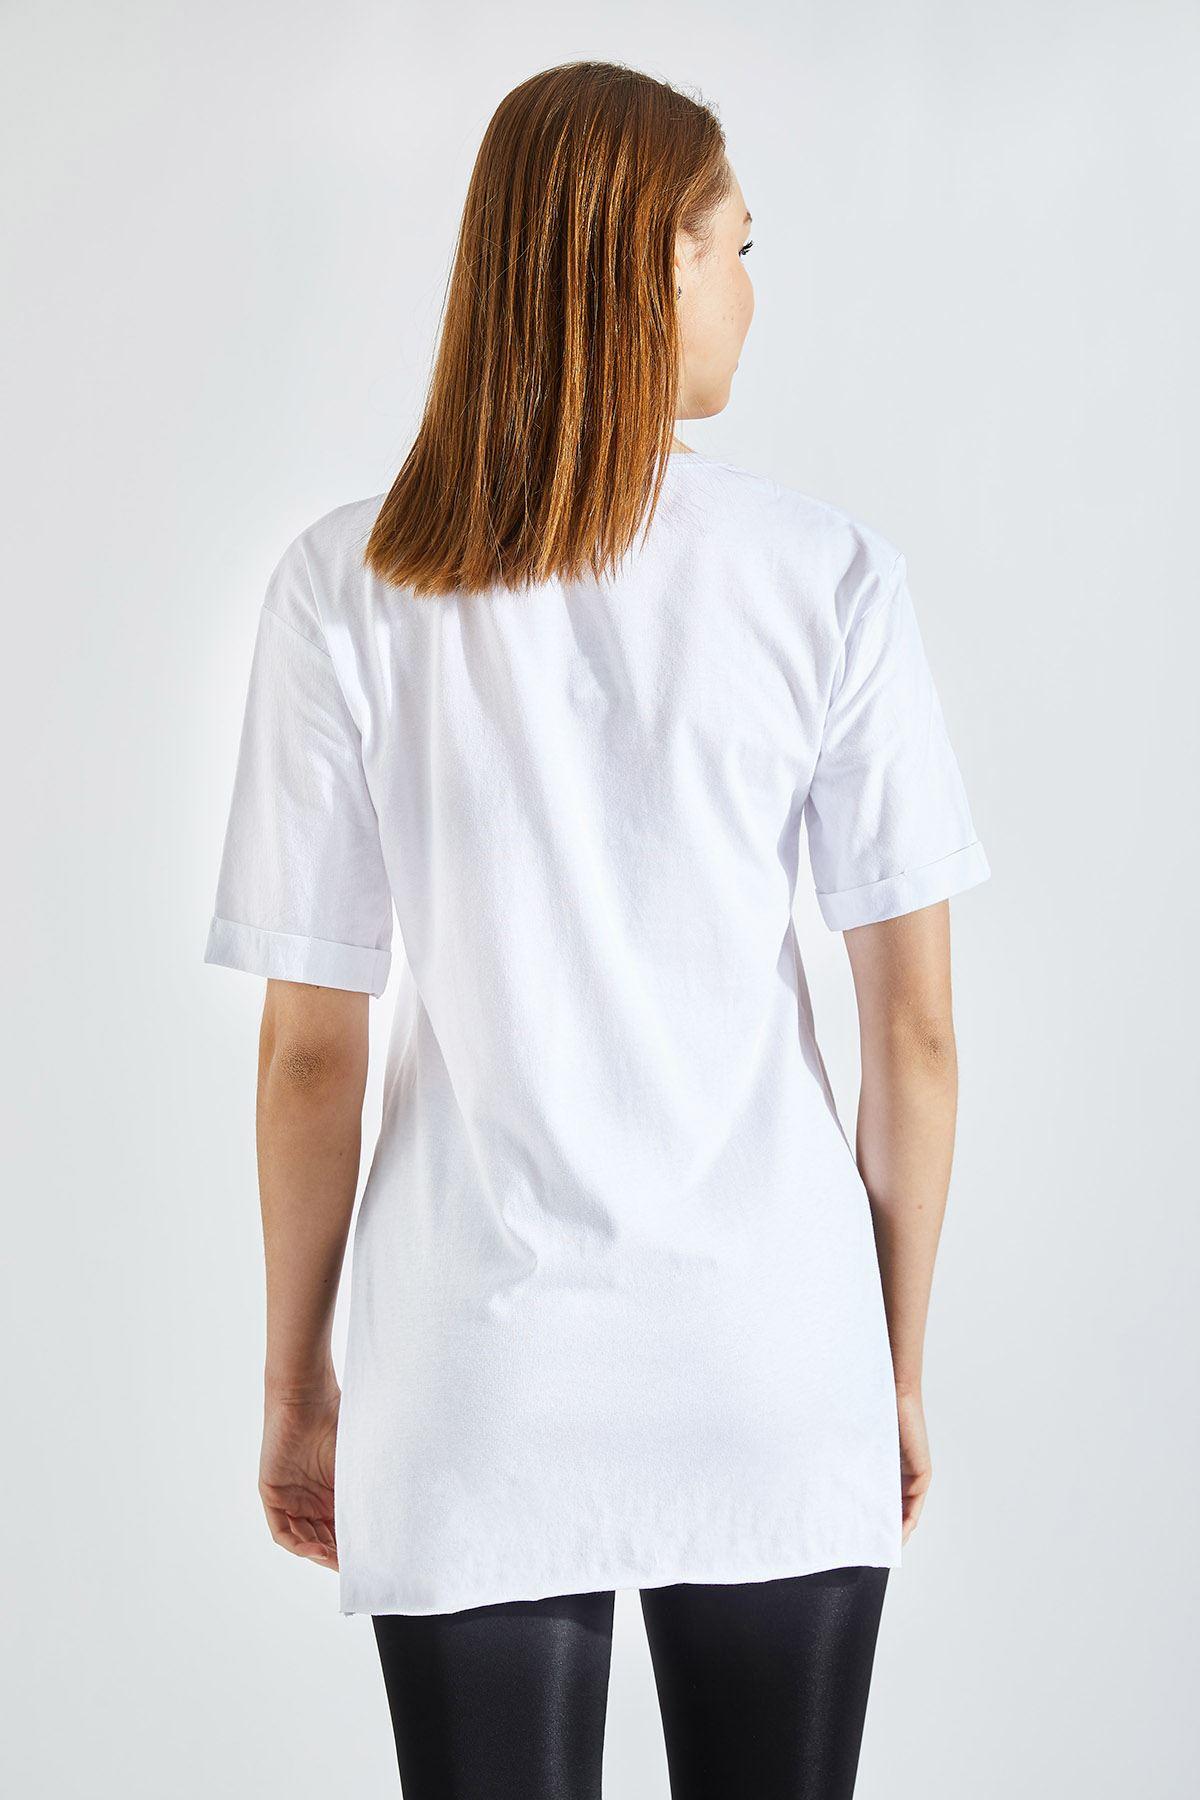 Kadın Tenk U Neks Baskı Beyaz Tişört